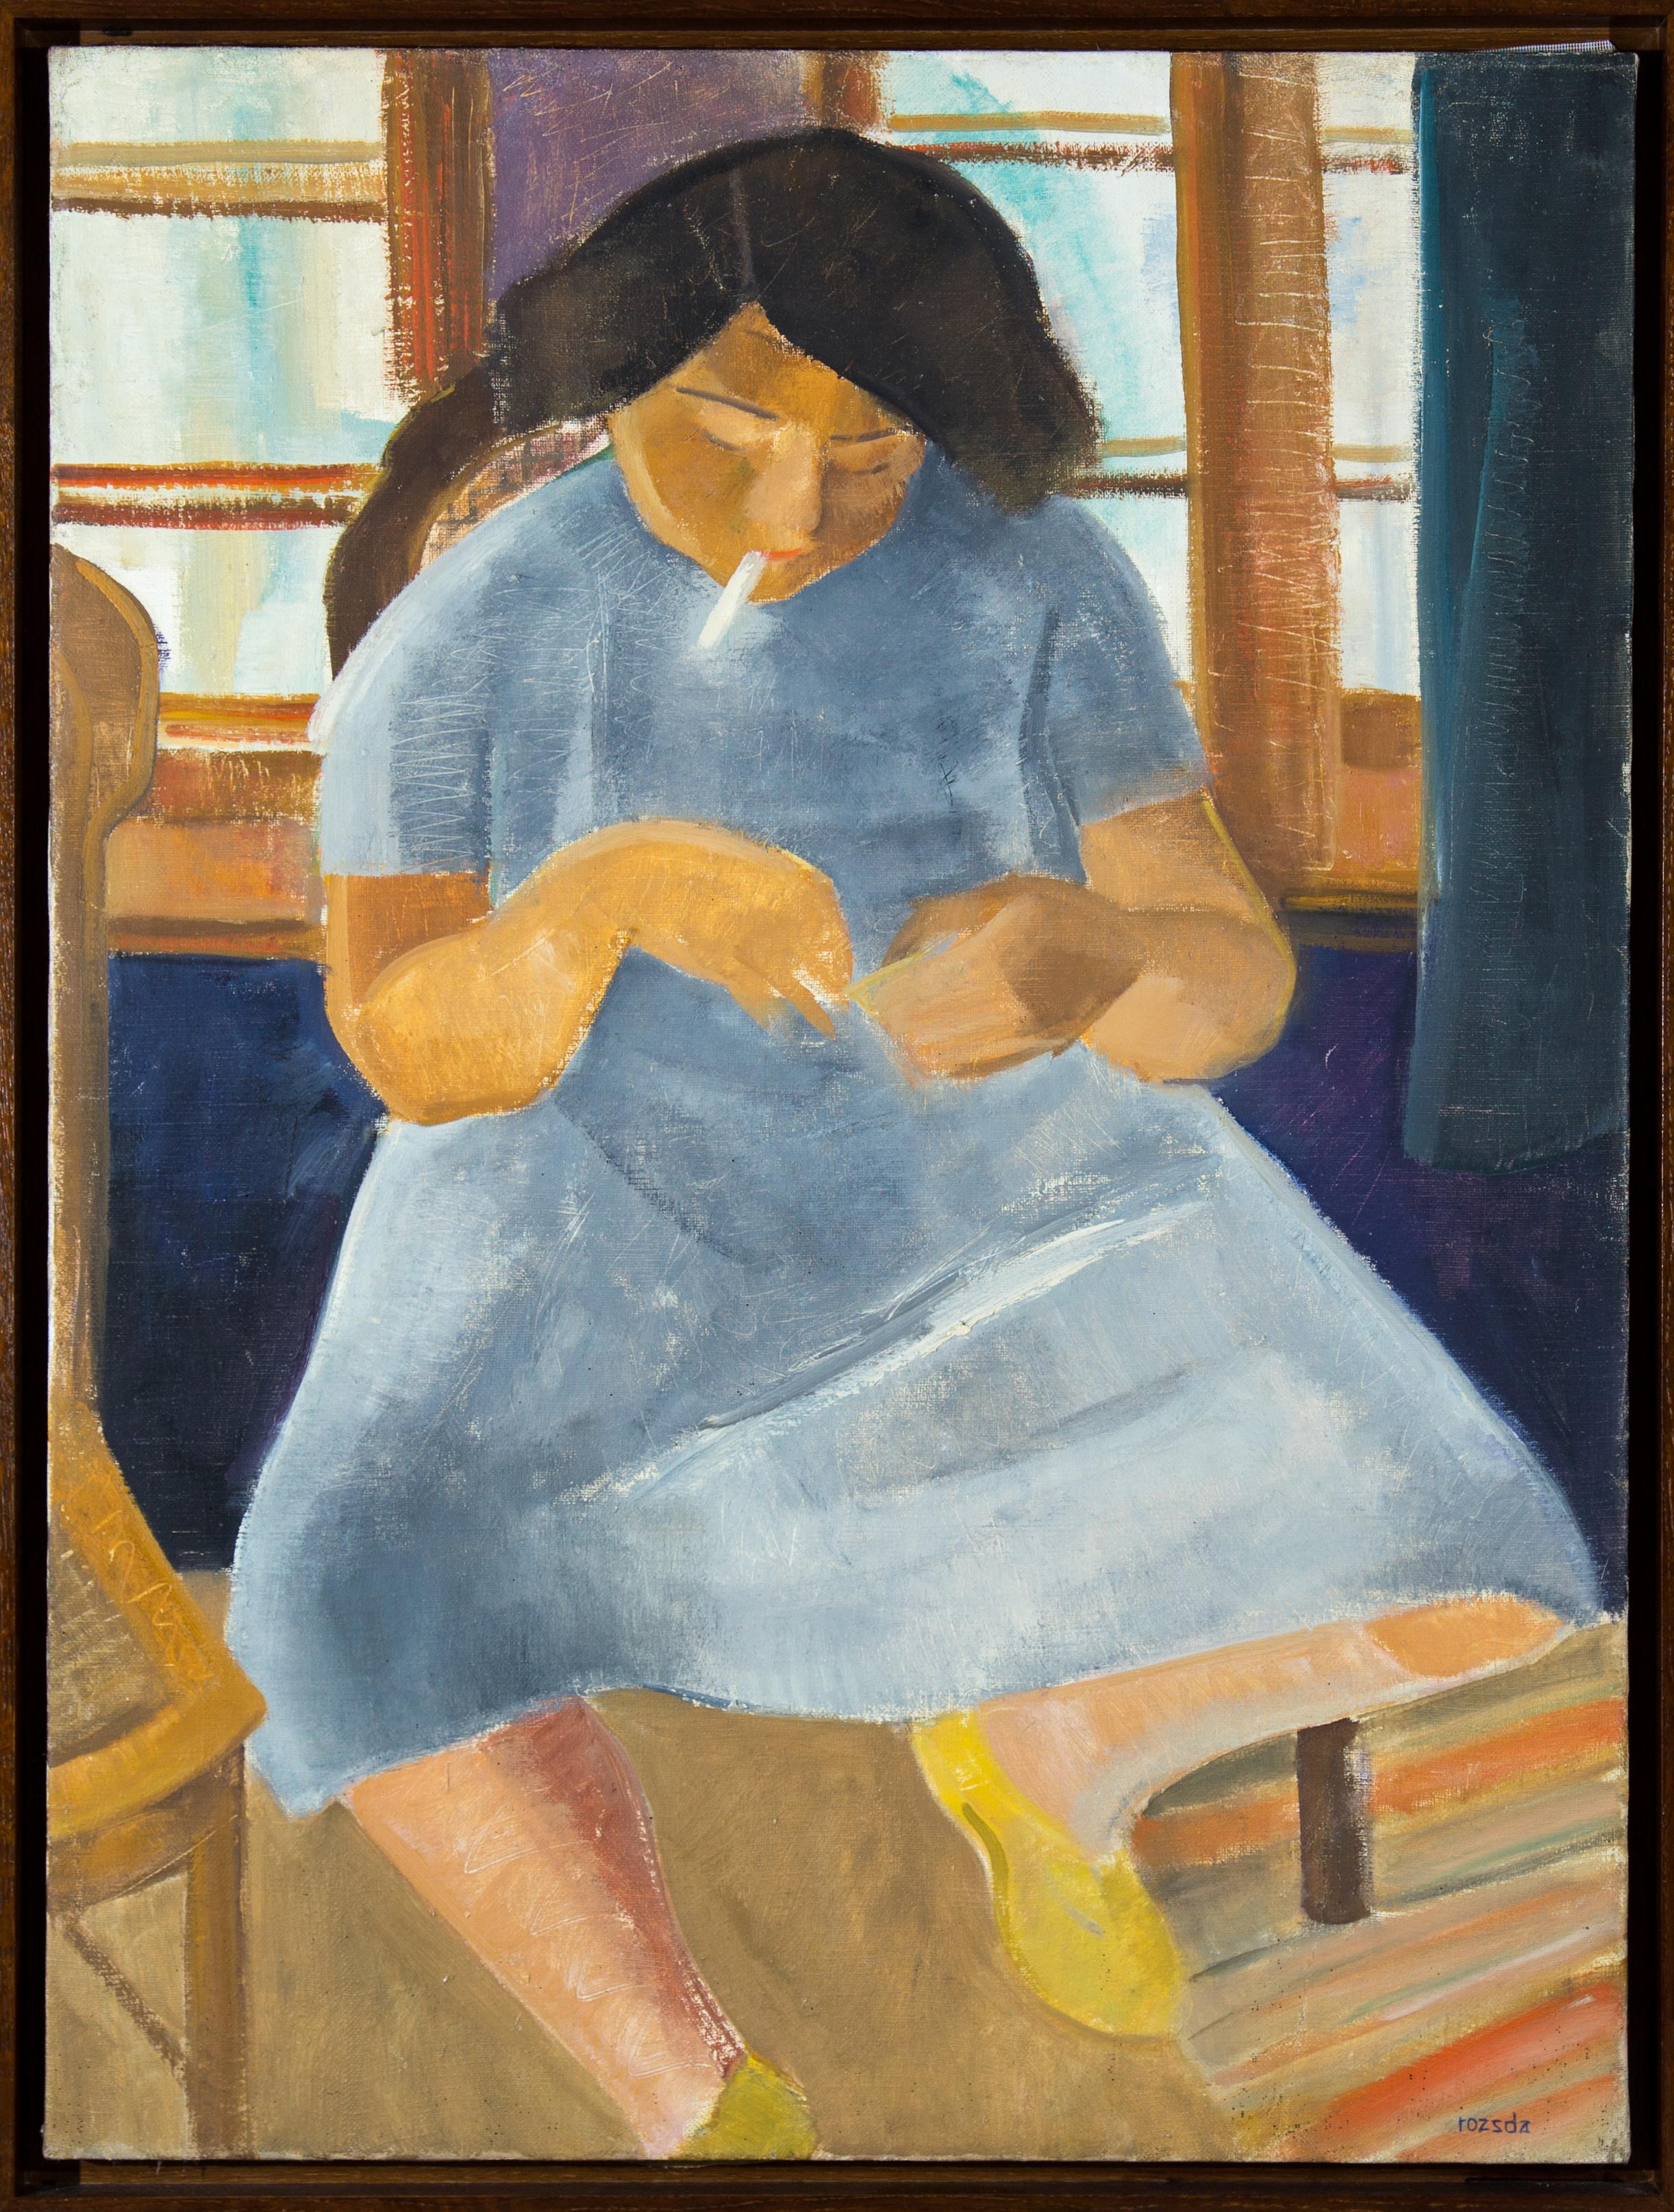 Endre Rozsda - Fille à la cigarette (1934)